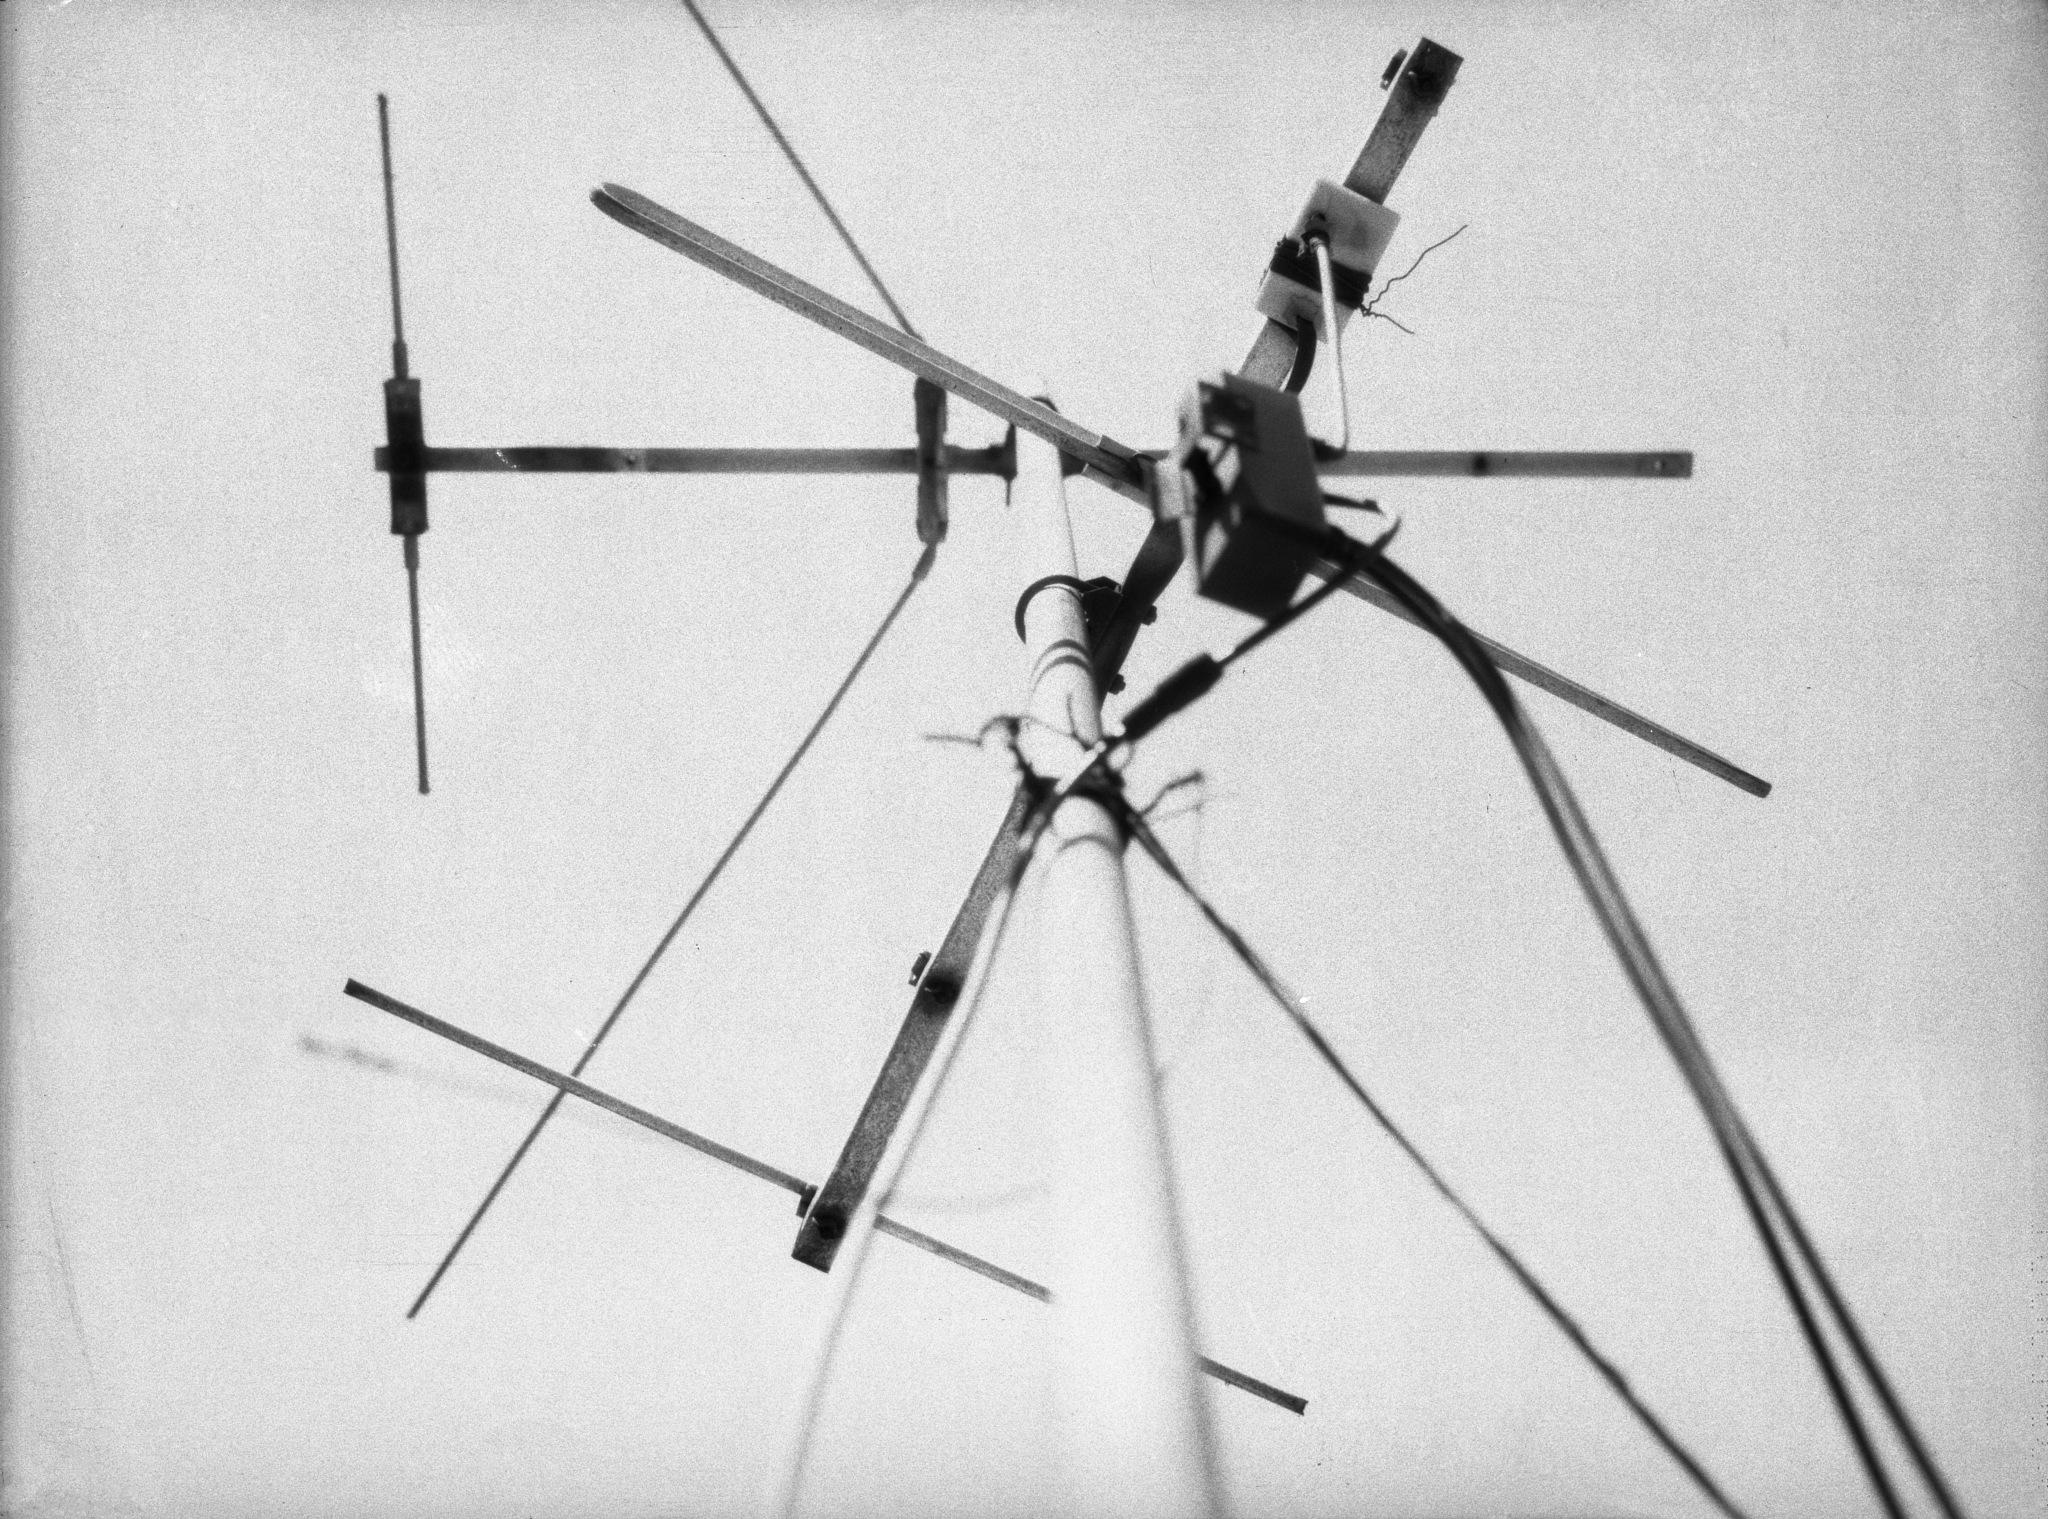 Antena by Sebastián Tolosa